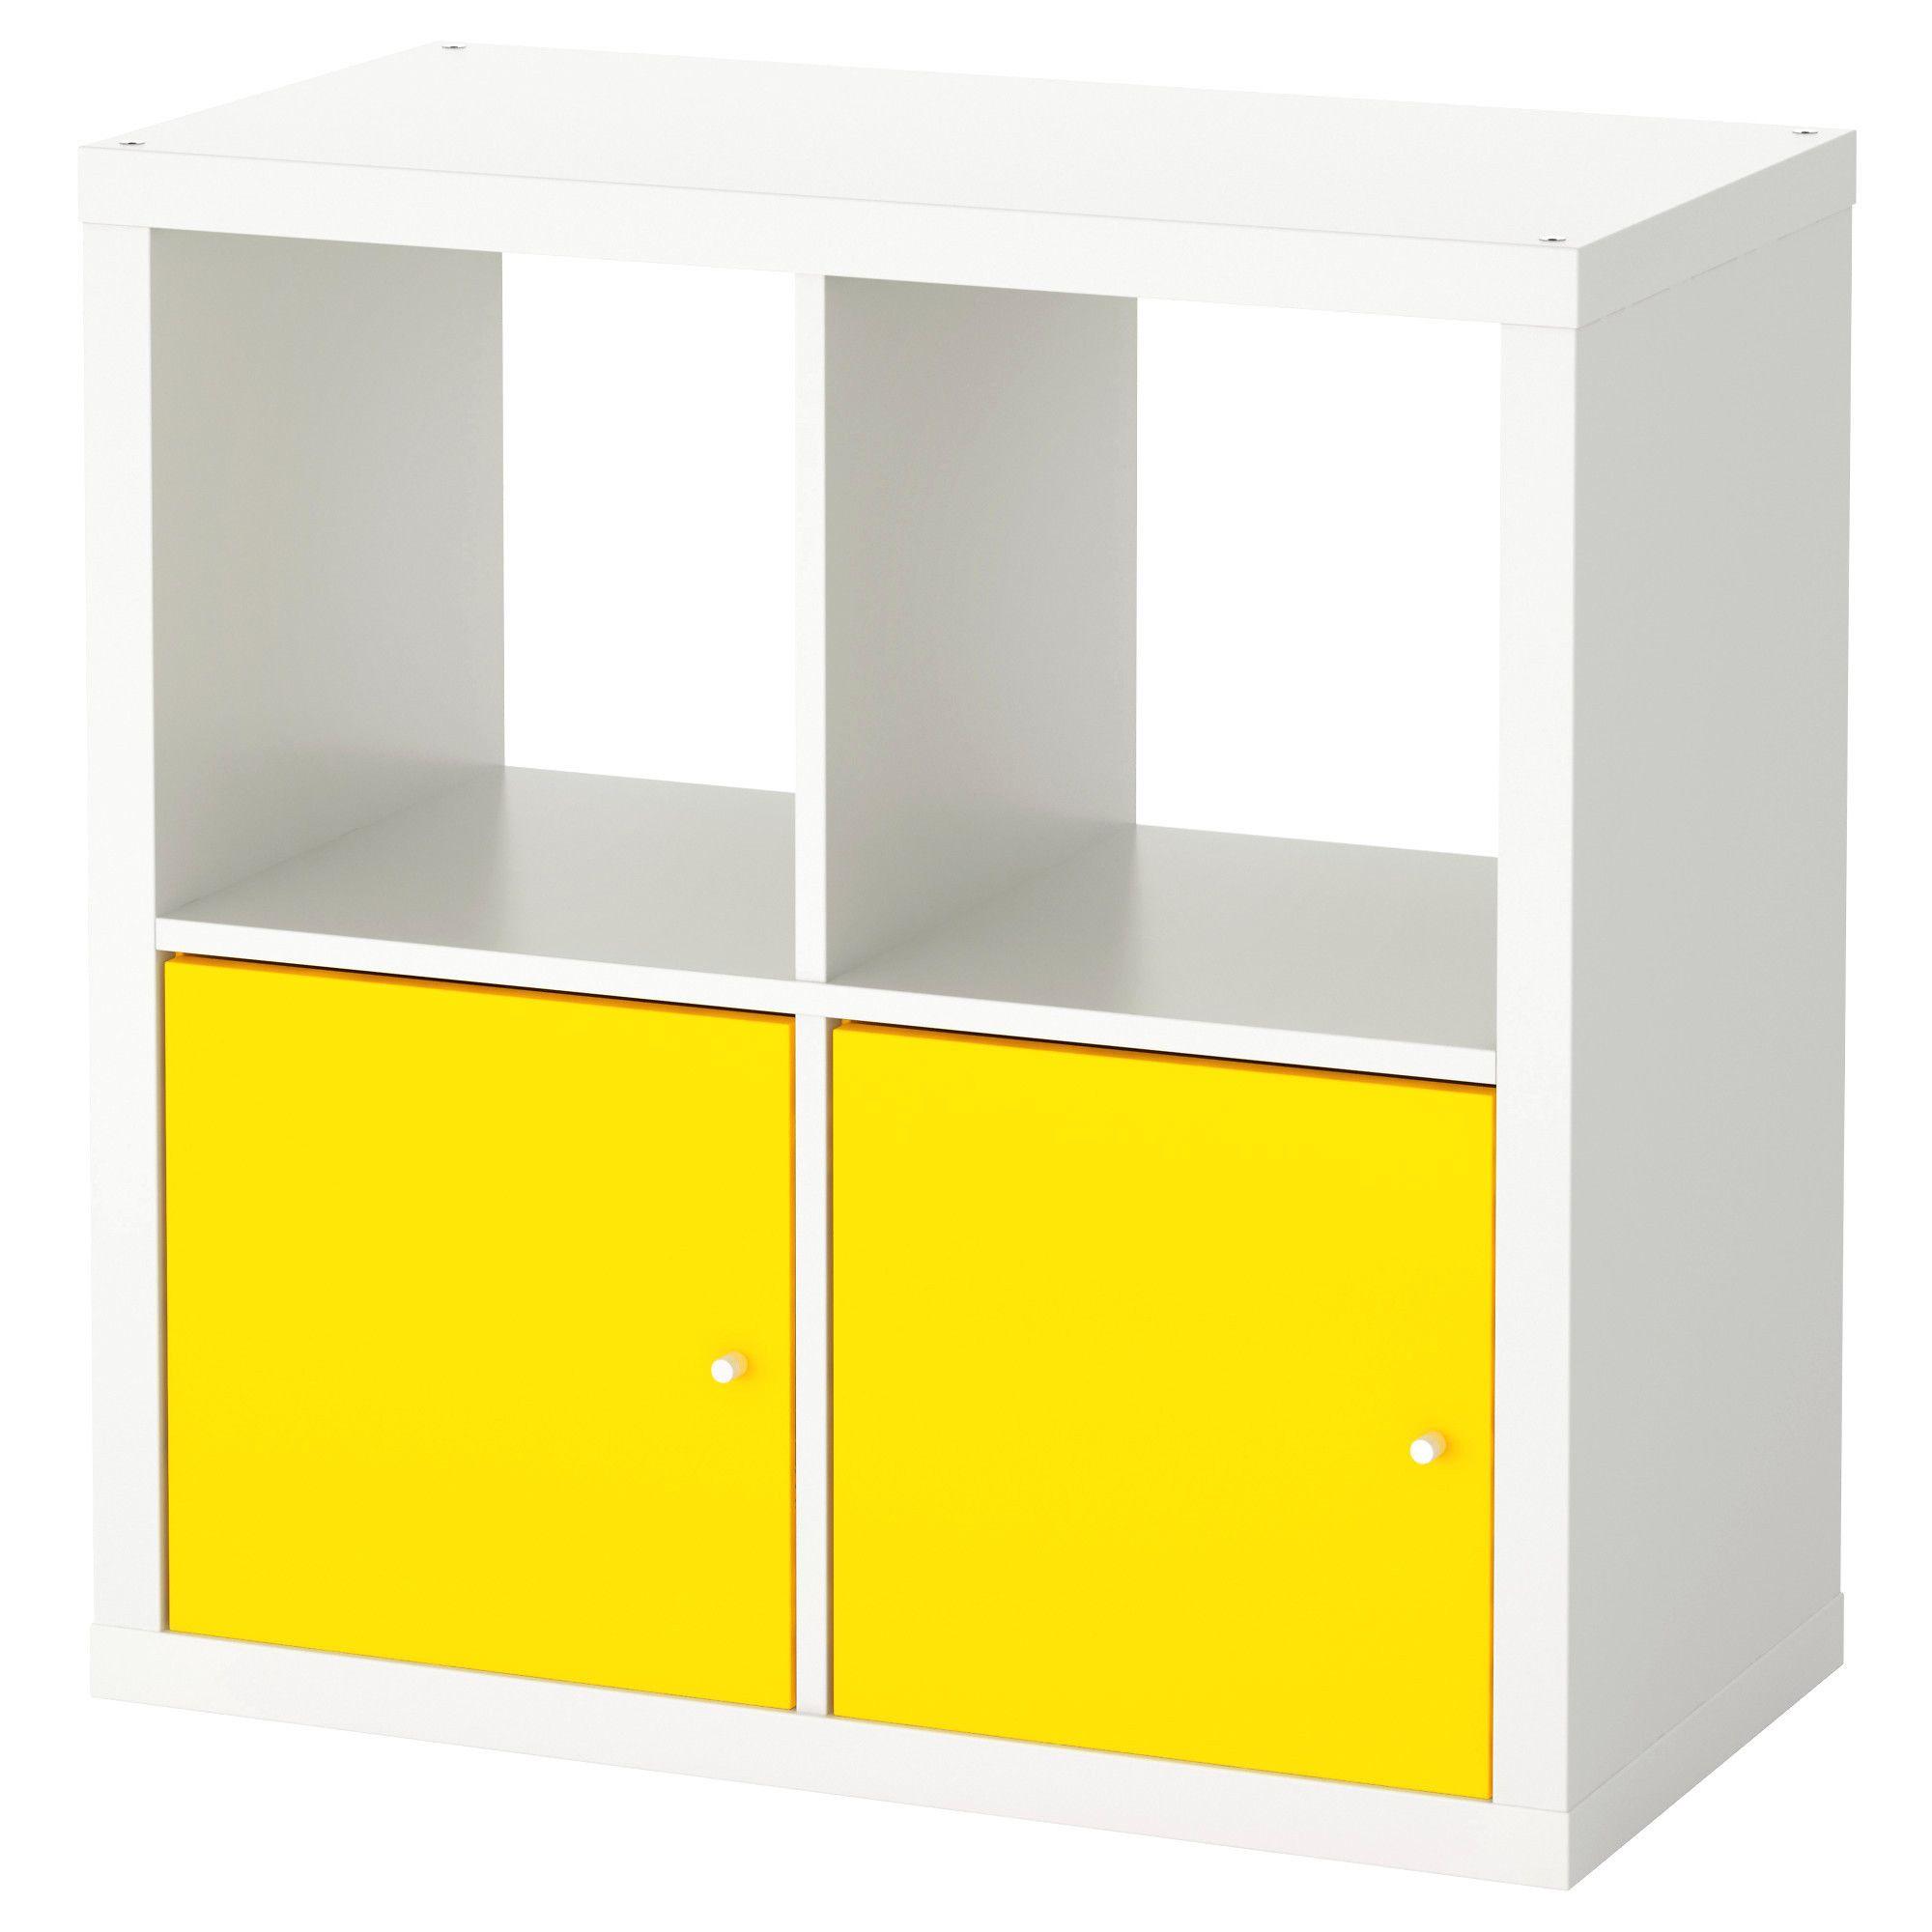 30 Beau Etagere Sans Fixation Ikea Suggestions Meuble Rangement Ikea Meuble De Bureau Ikea Meuble Etagere Ikea